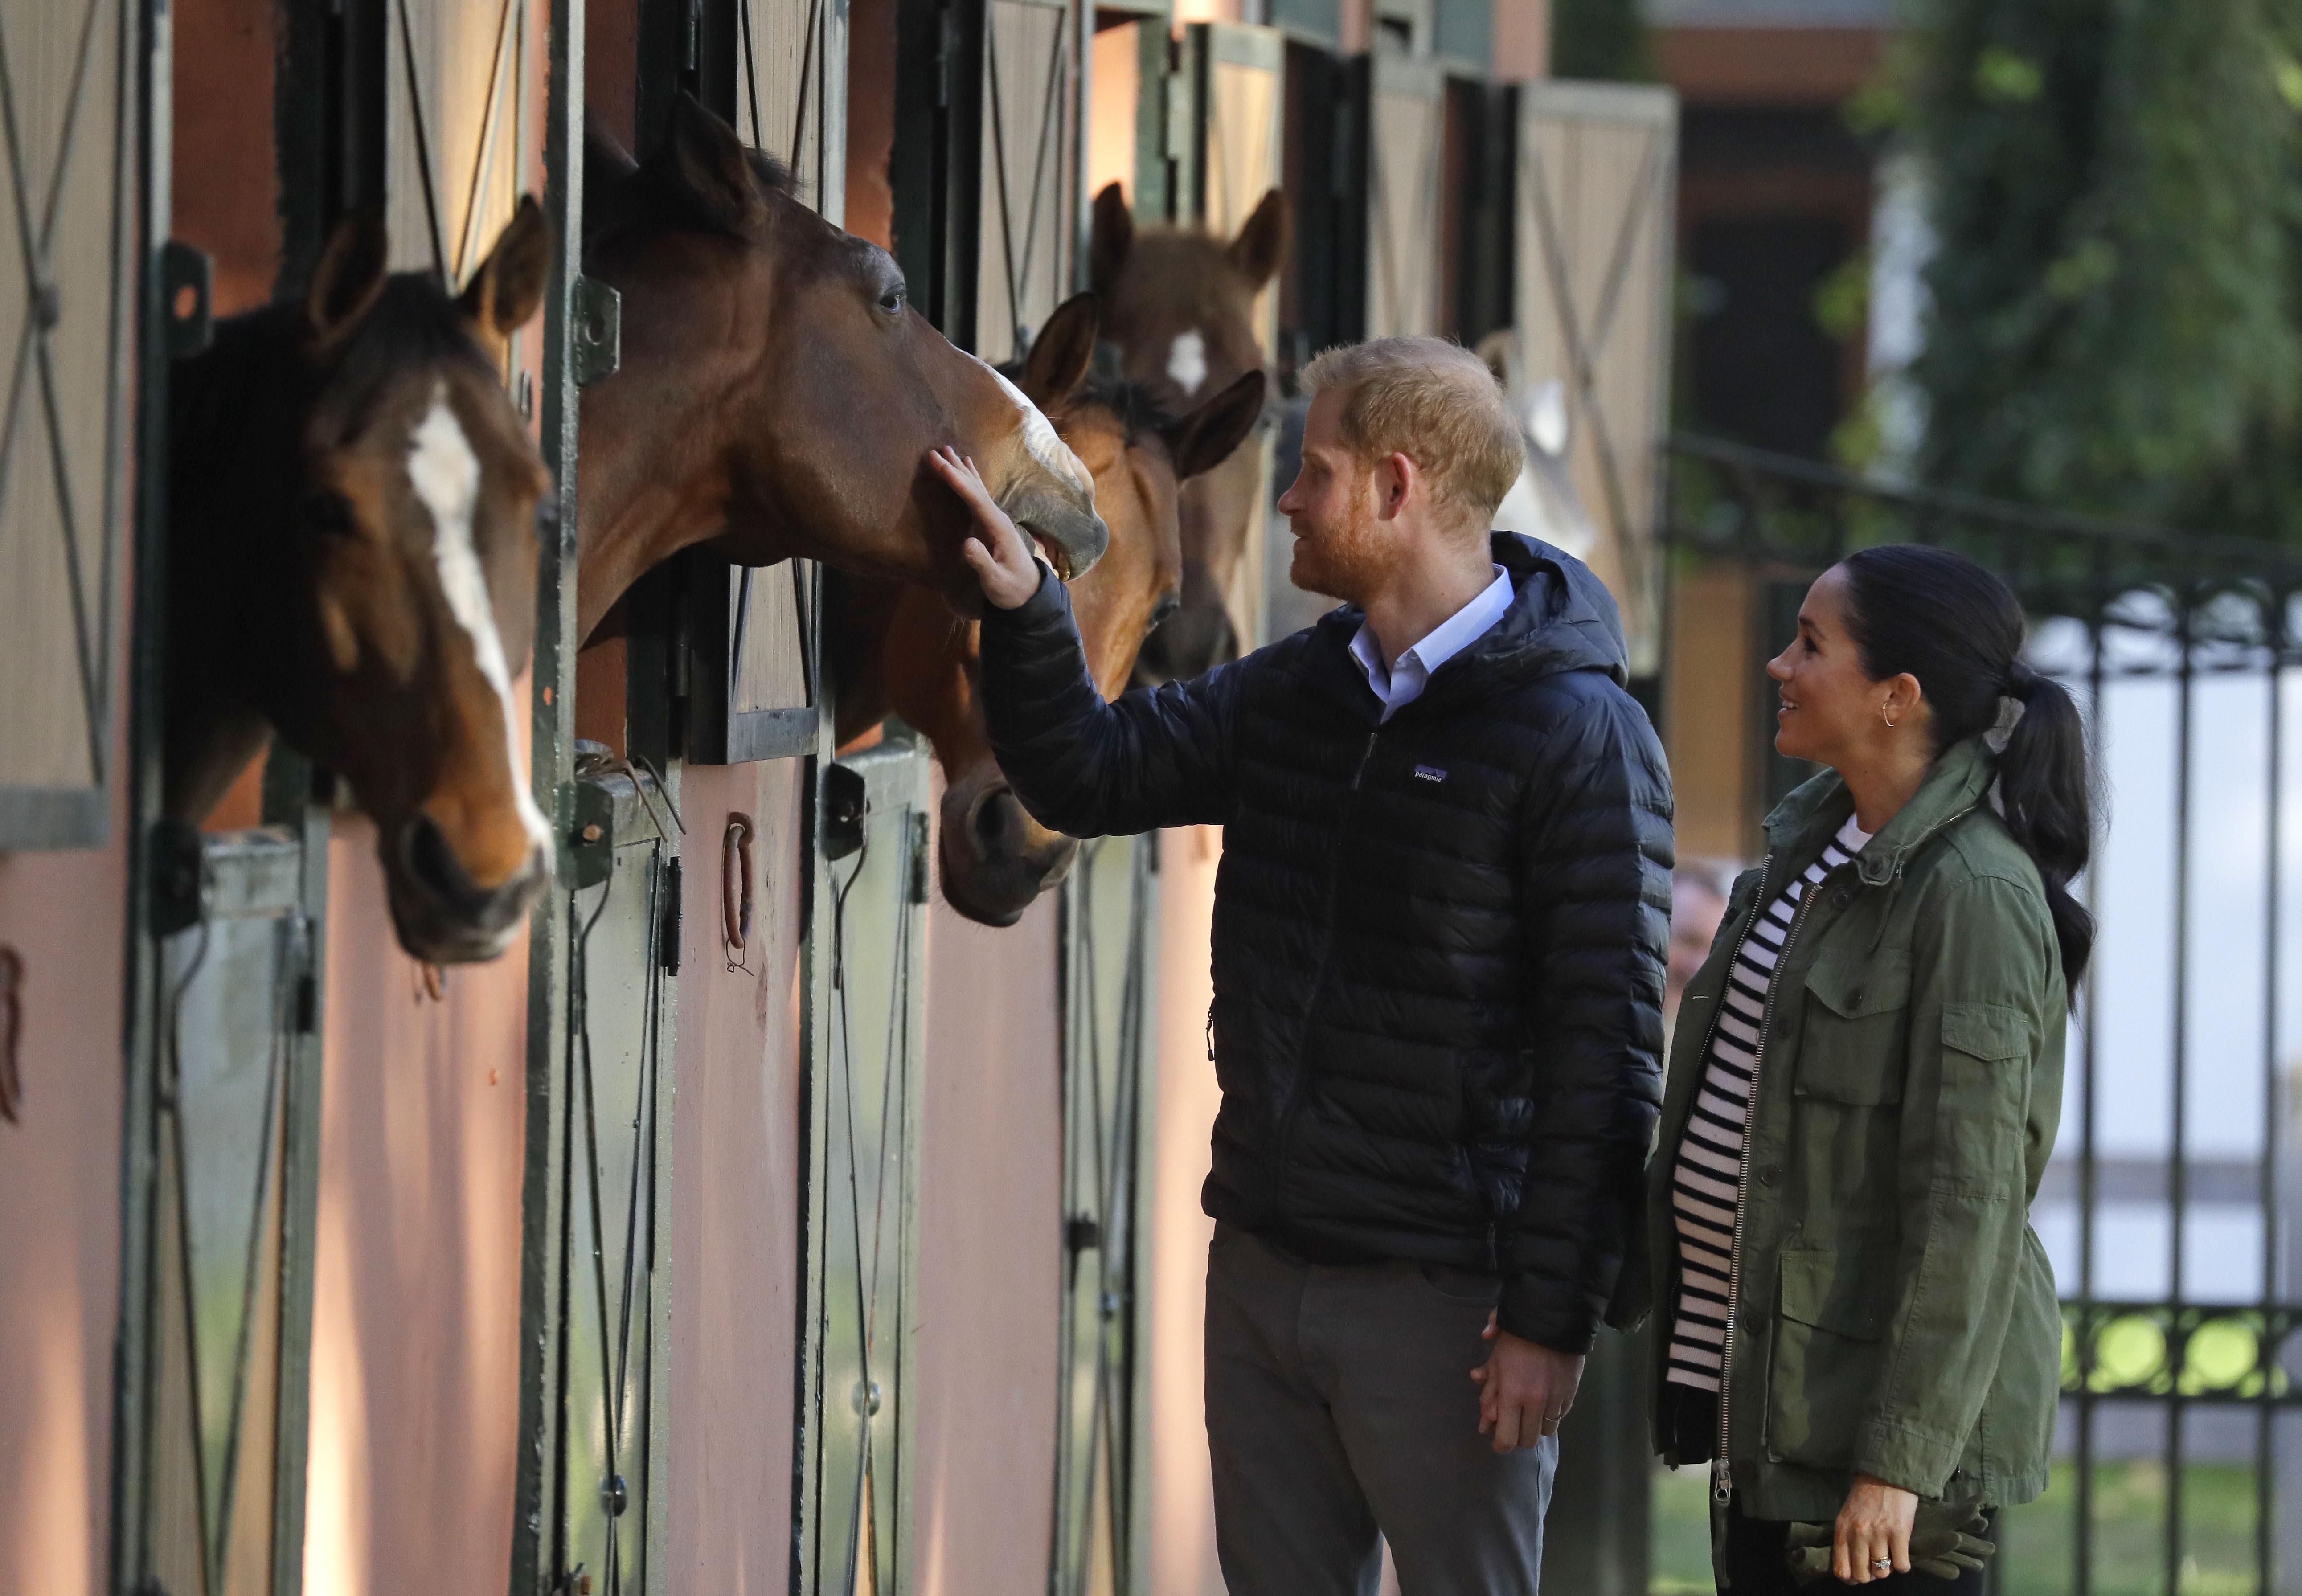 El matrimonio conoció de primera mano la terapia con caballos que se realiza en este centro para mejorar la calidad de vida de las personas discapacitadas. (AP)